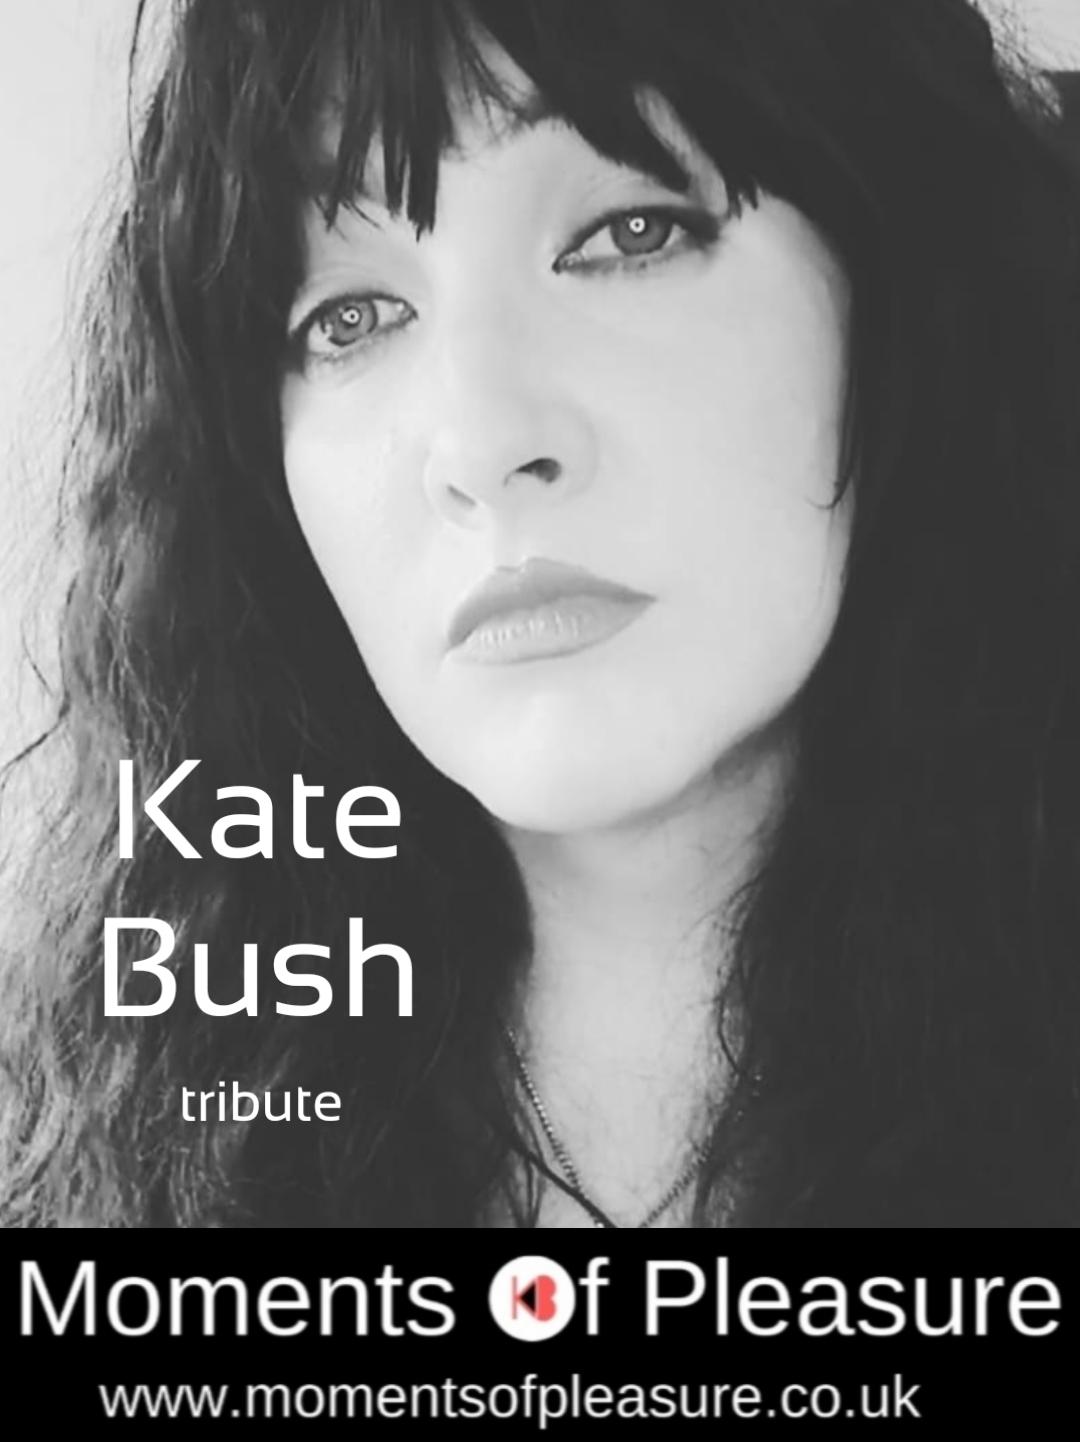 kate bush tribute